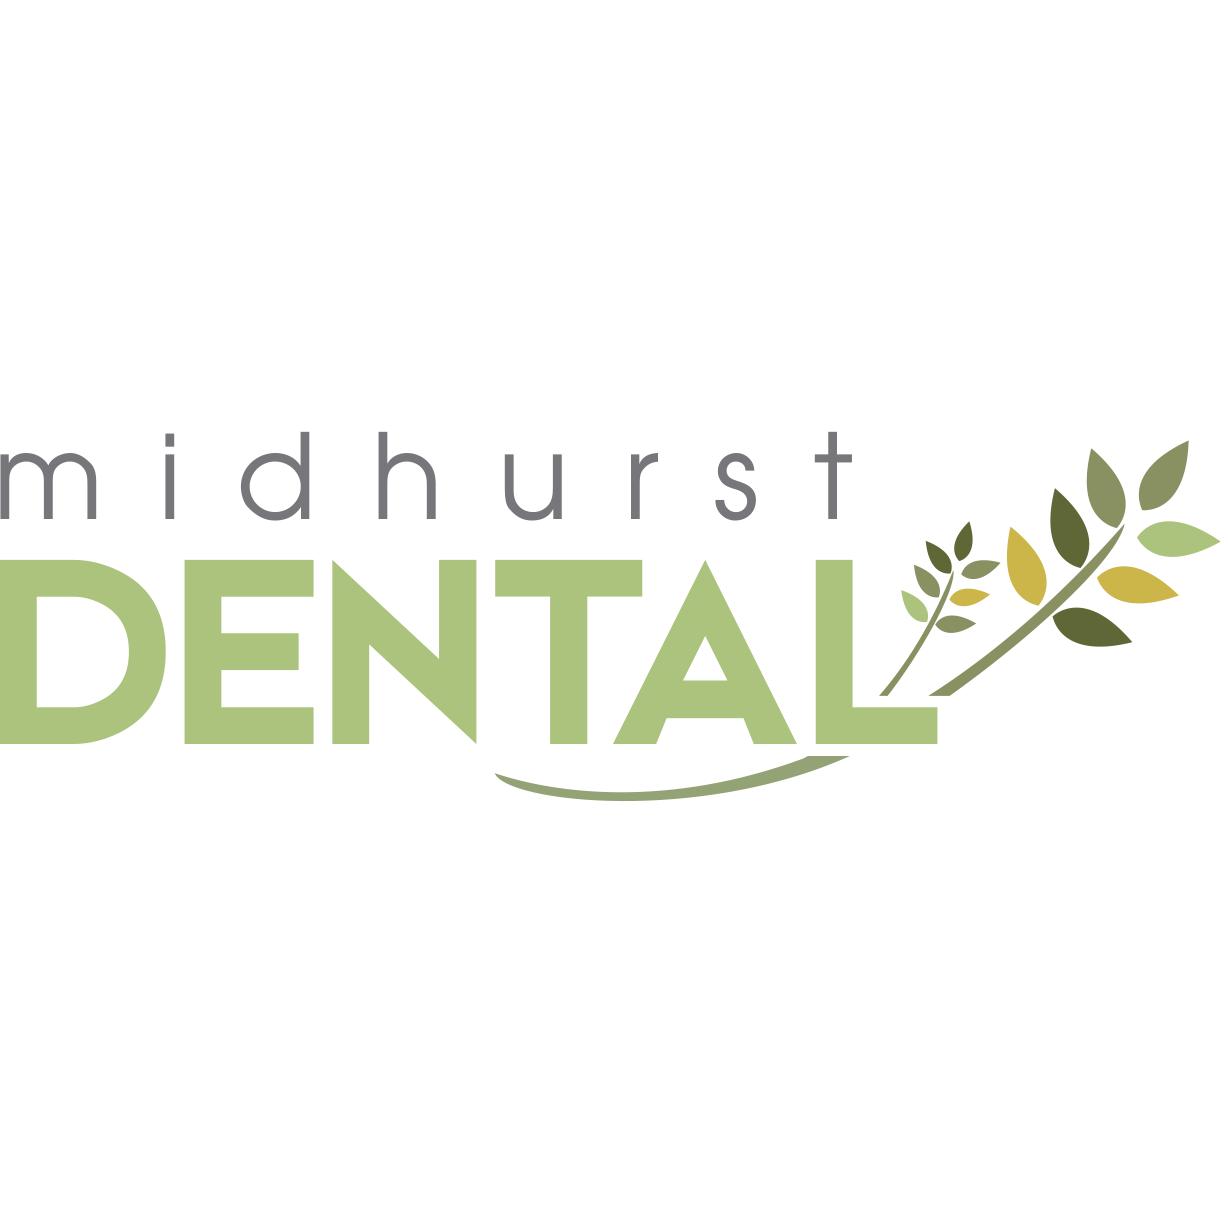 Midhurst Dental